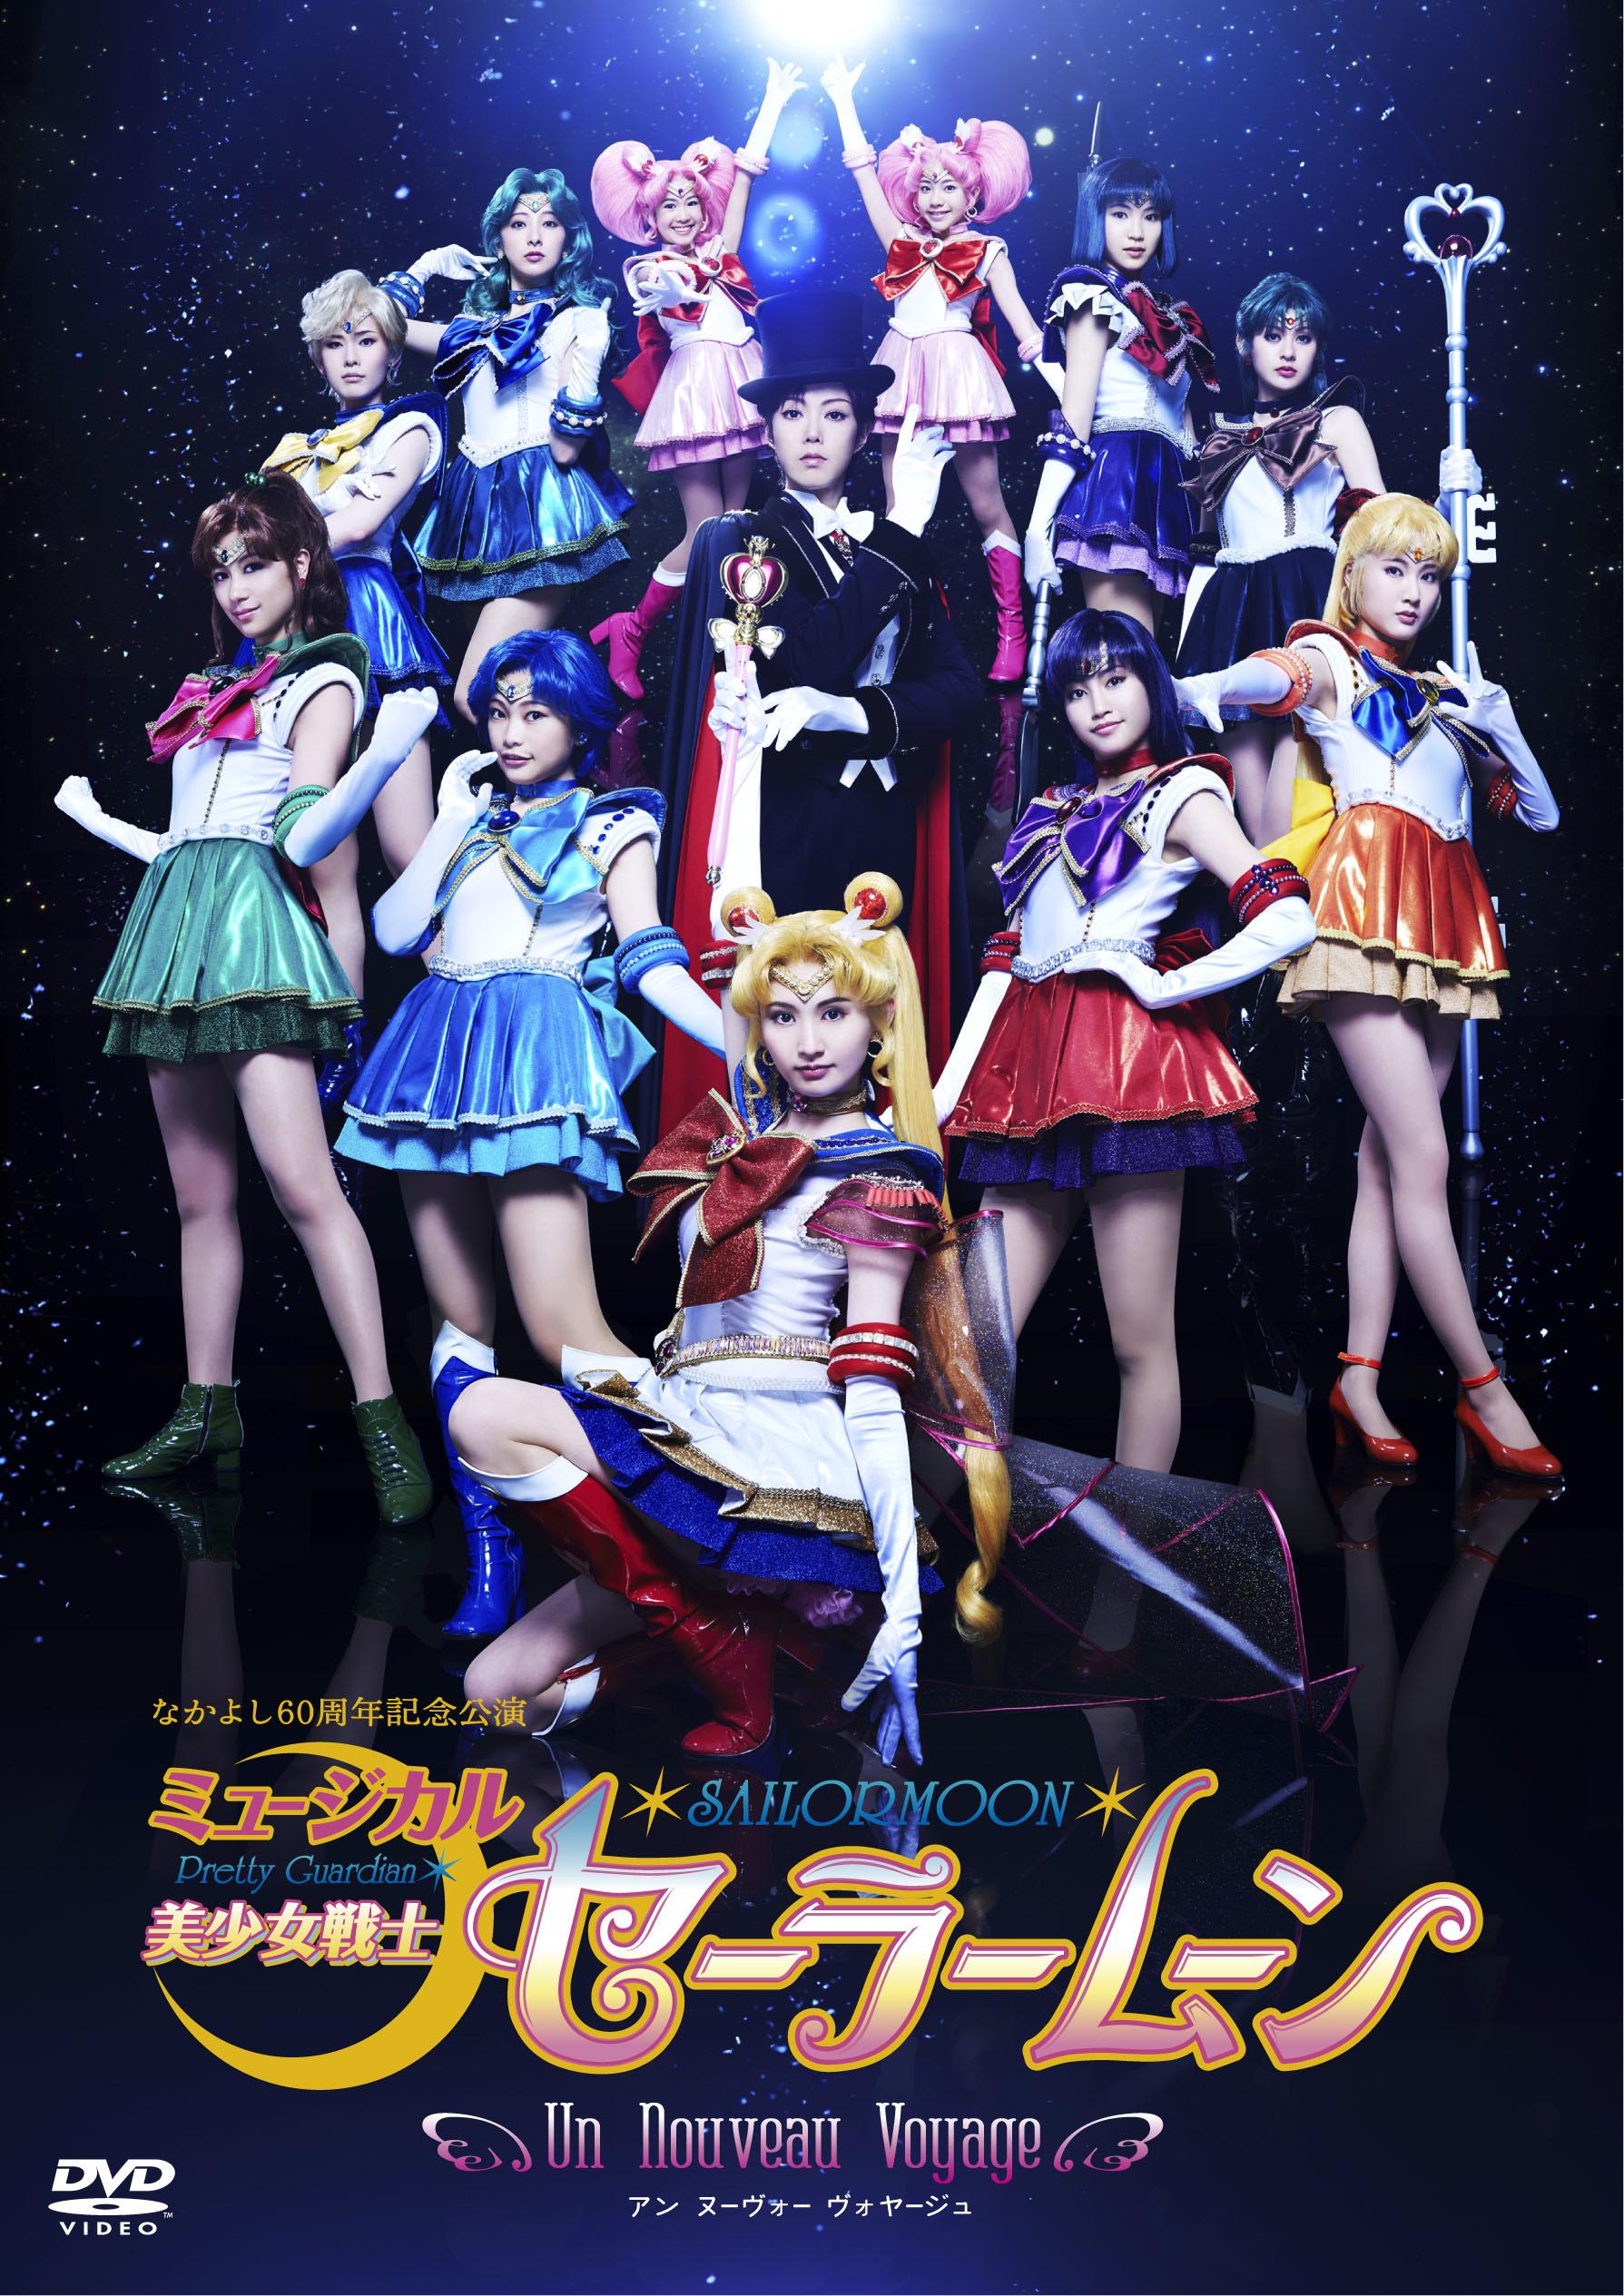 「美少女戦士セーラームーン」-Un Nouveau Voyage- (C)武内直子・PNP/ミュージカル「美少女戦士セーラームーン」製作委員会2015